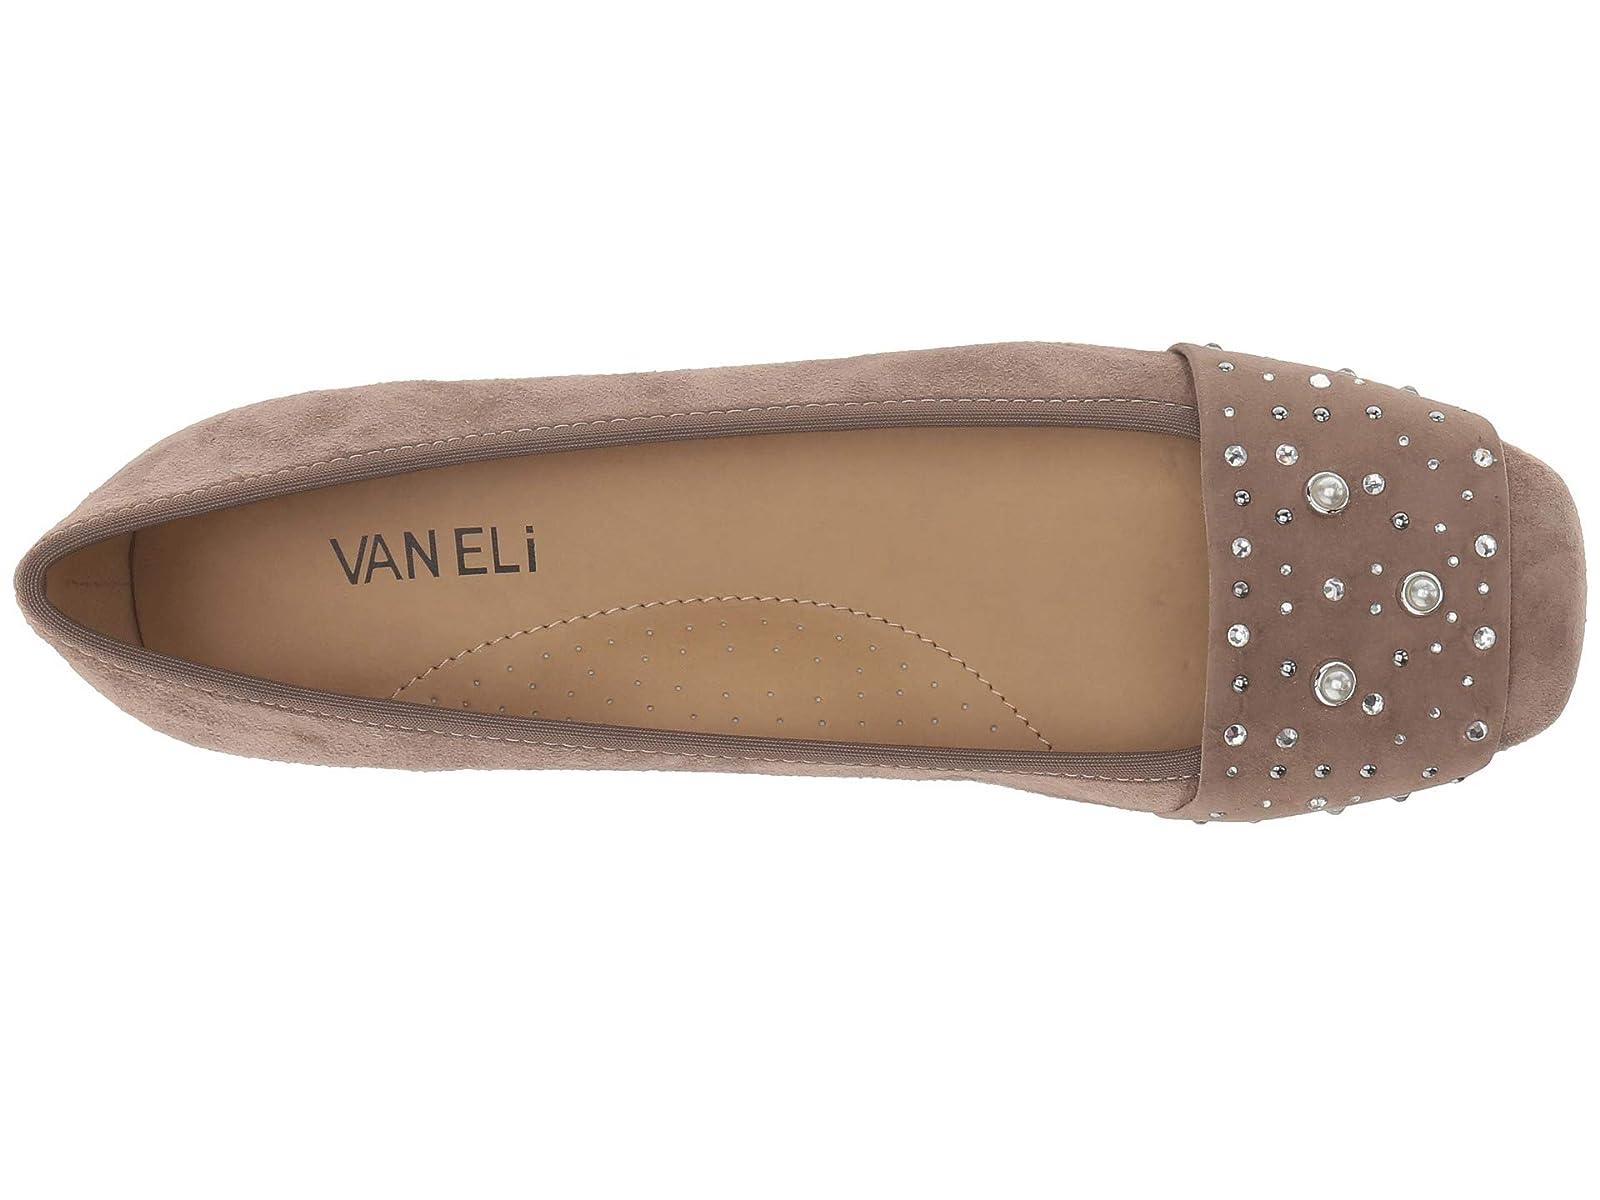 hommes / femmes / vaneli nasim nasim nasim / les bonnes marchandises collection 35535a